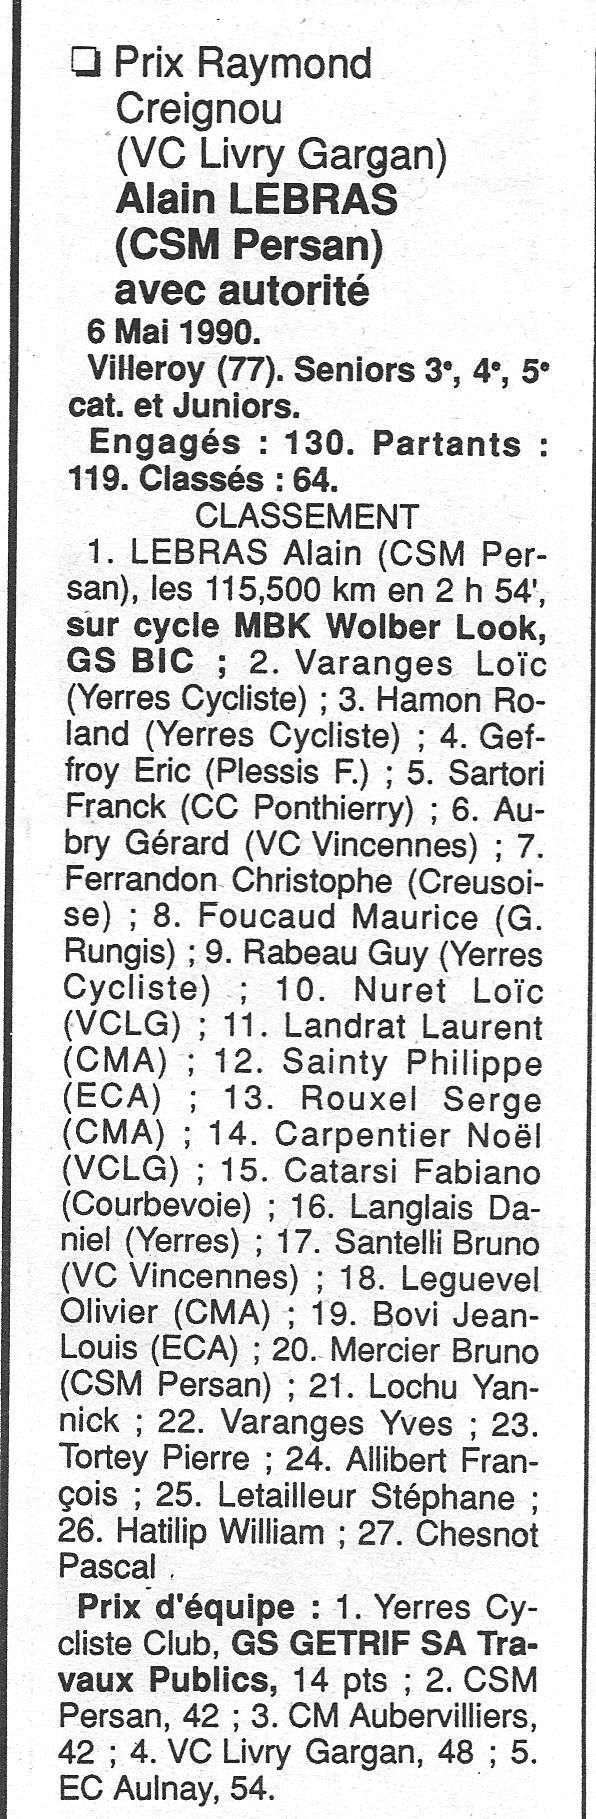 CSM.Persan. BIC. Toute une époque de janvier 1990 à novembre 2007 - Page 2 1990_113